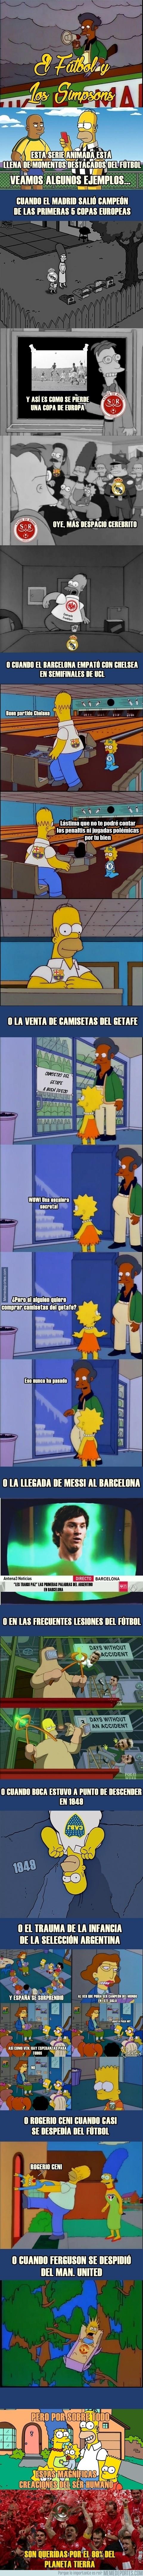 859769 - Los Simpsons y el Fútbol